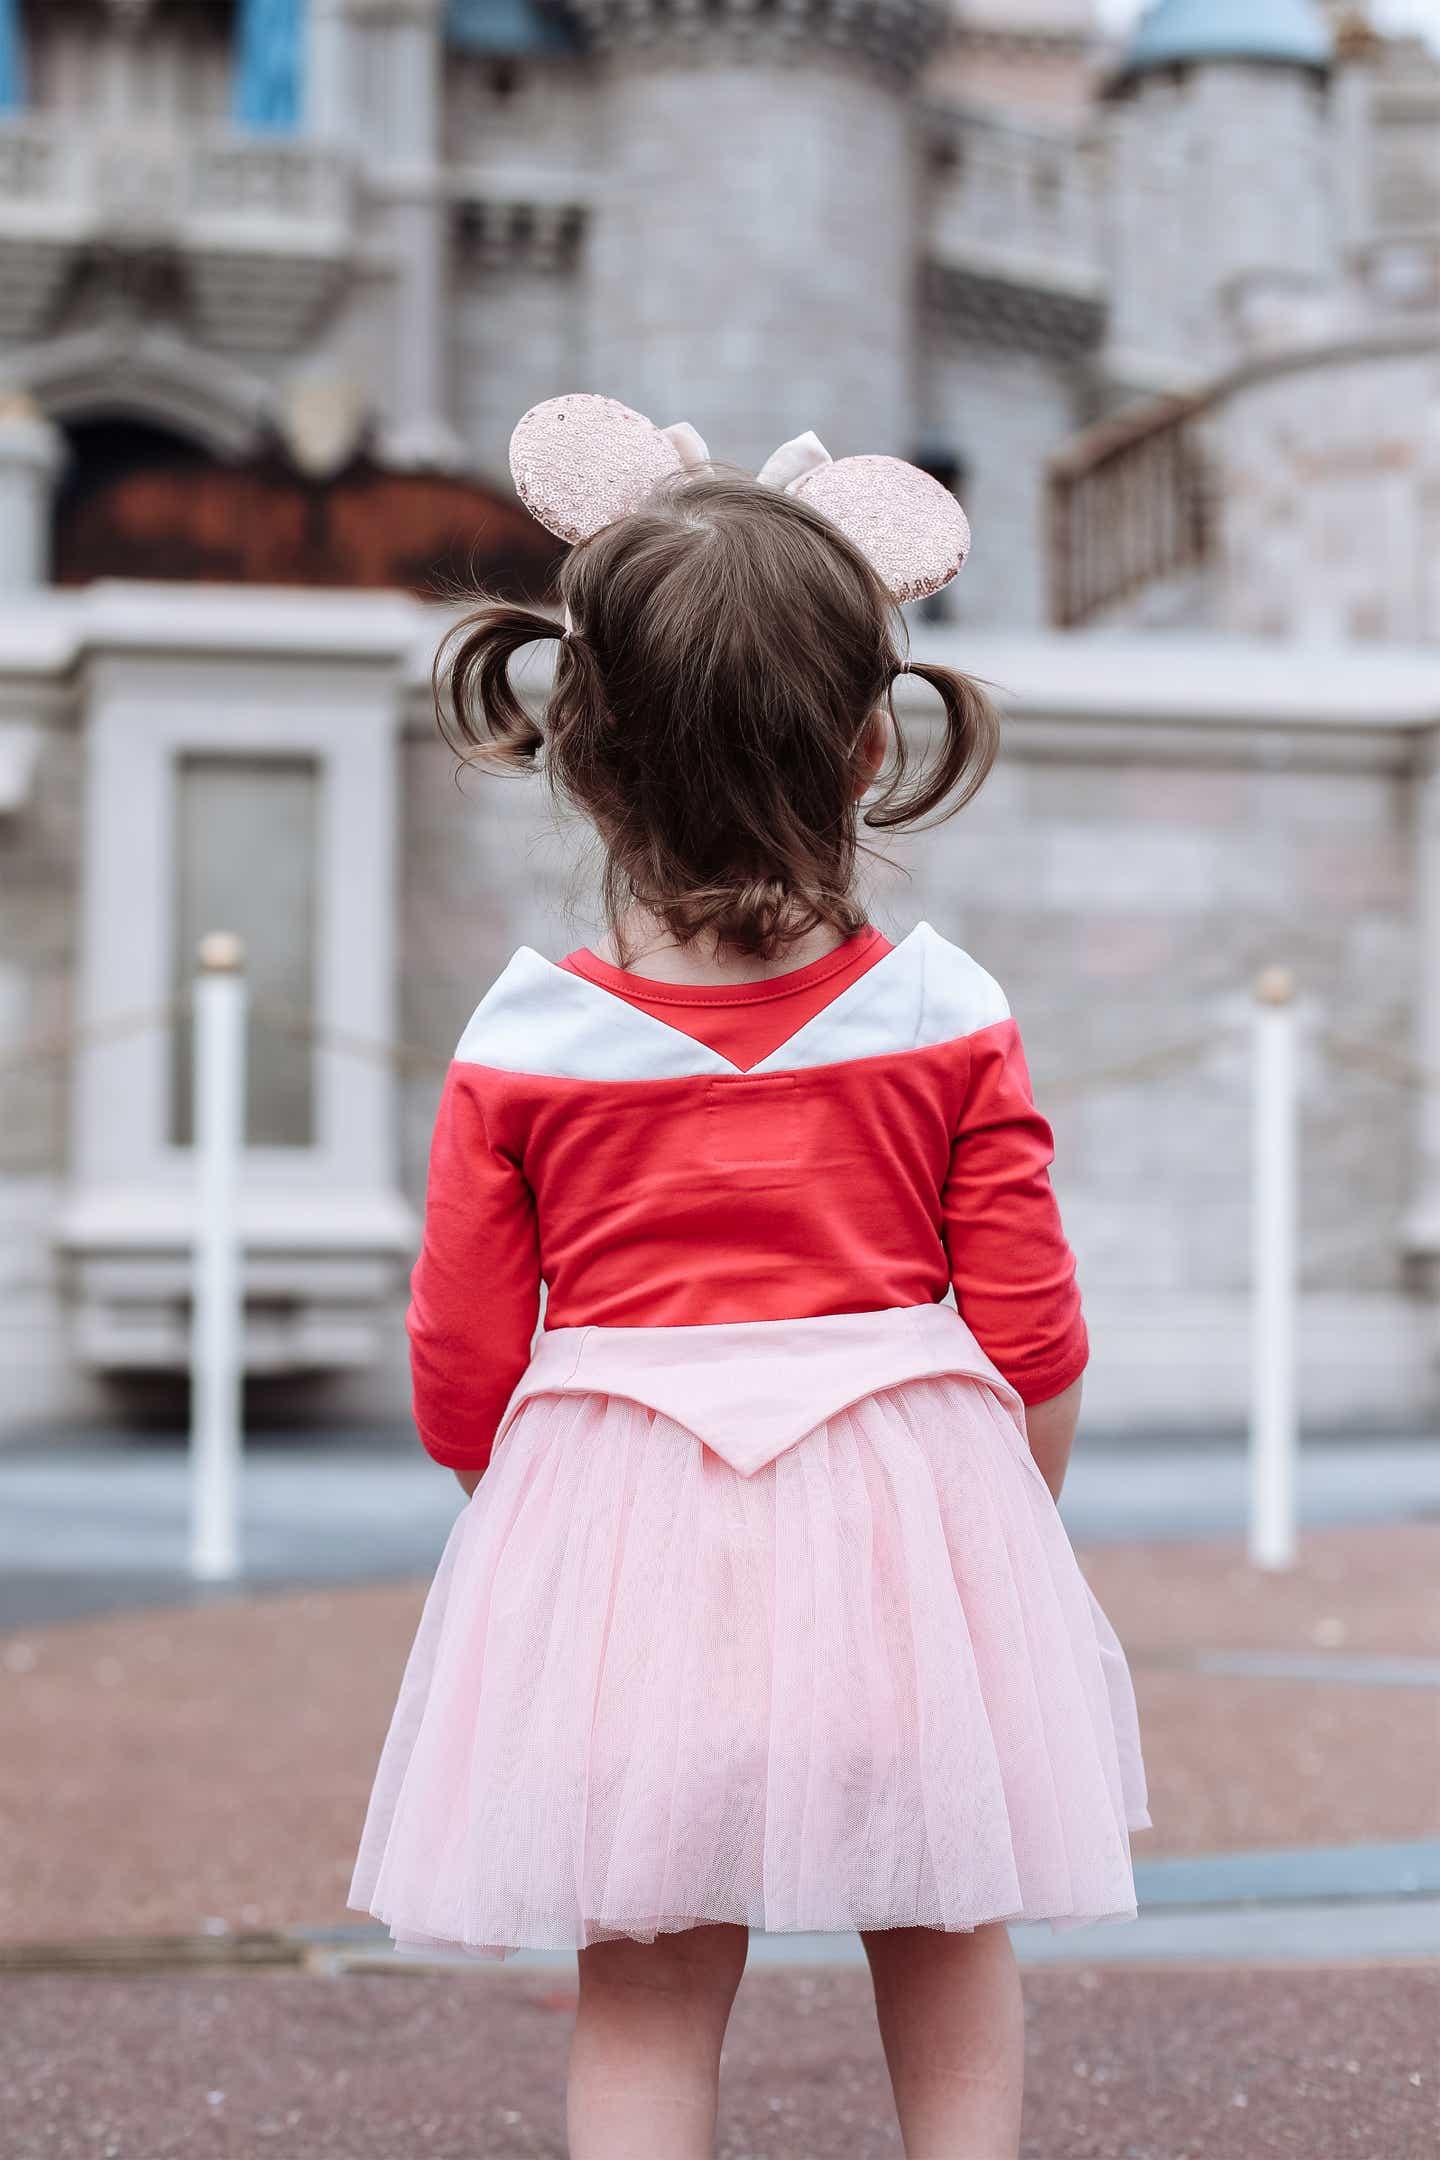 Mia's daughter looking at Cinderella Castle